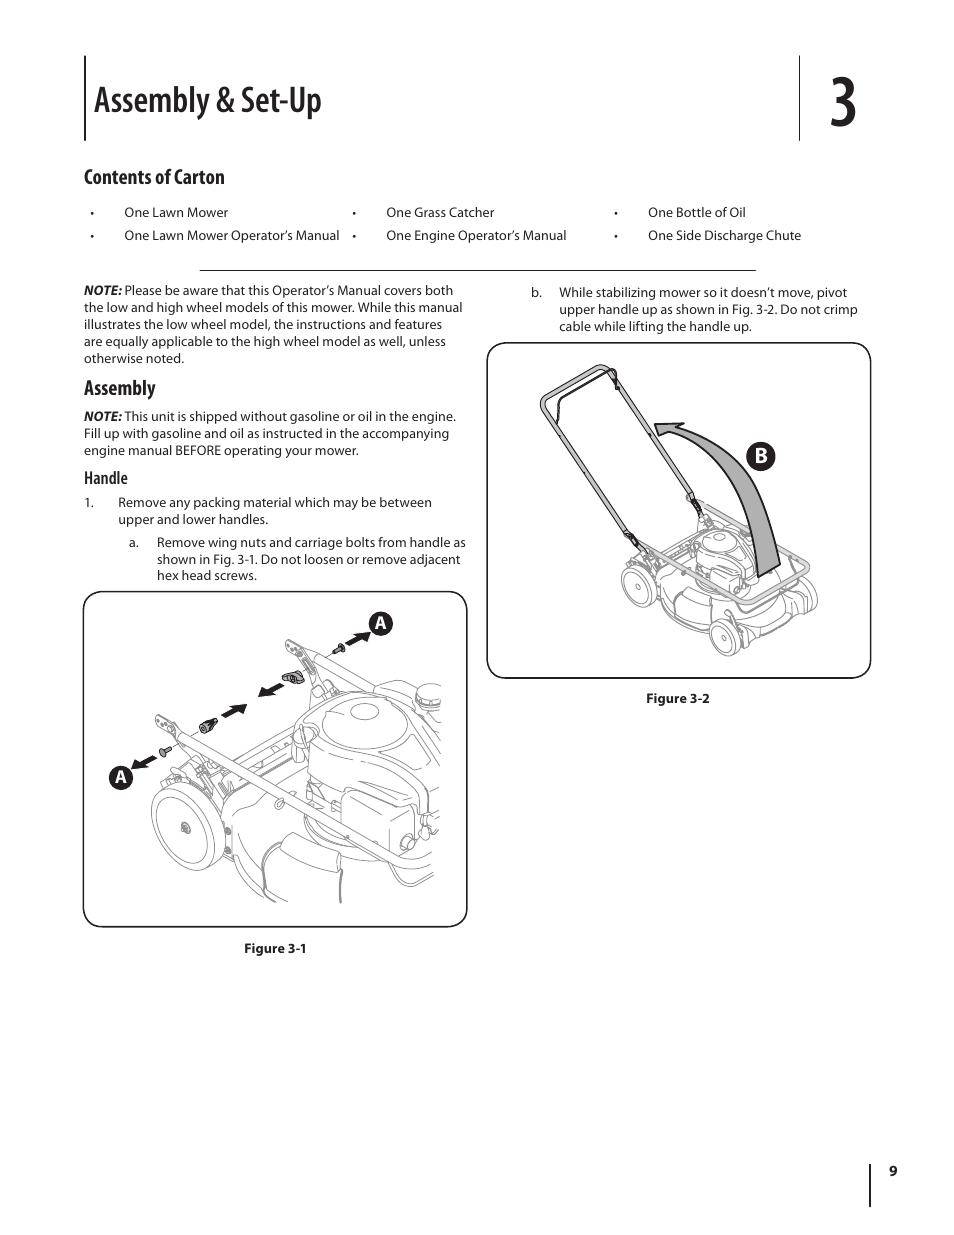 Assembly & set-up, Contents of carton, Assembly | Troy-Bilt